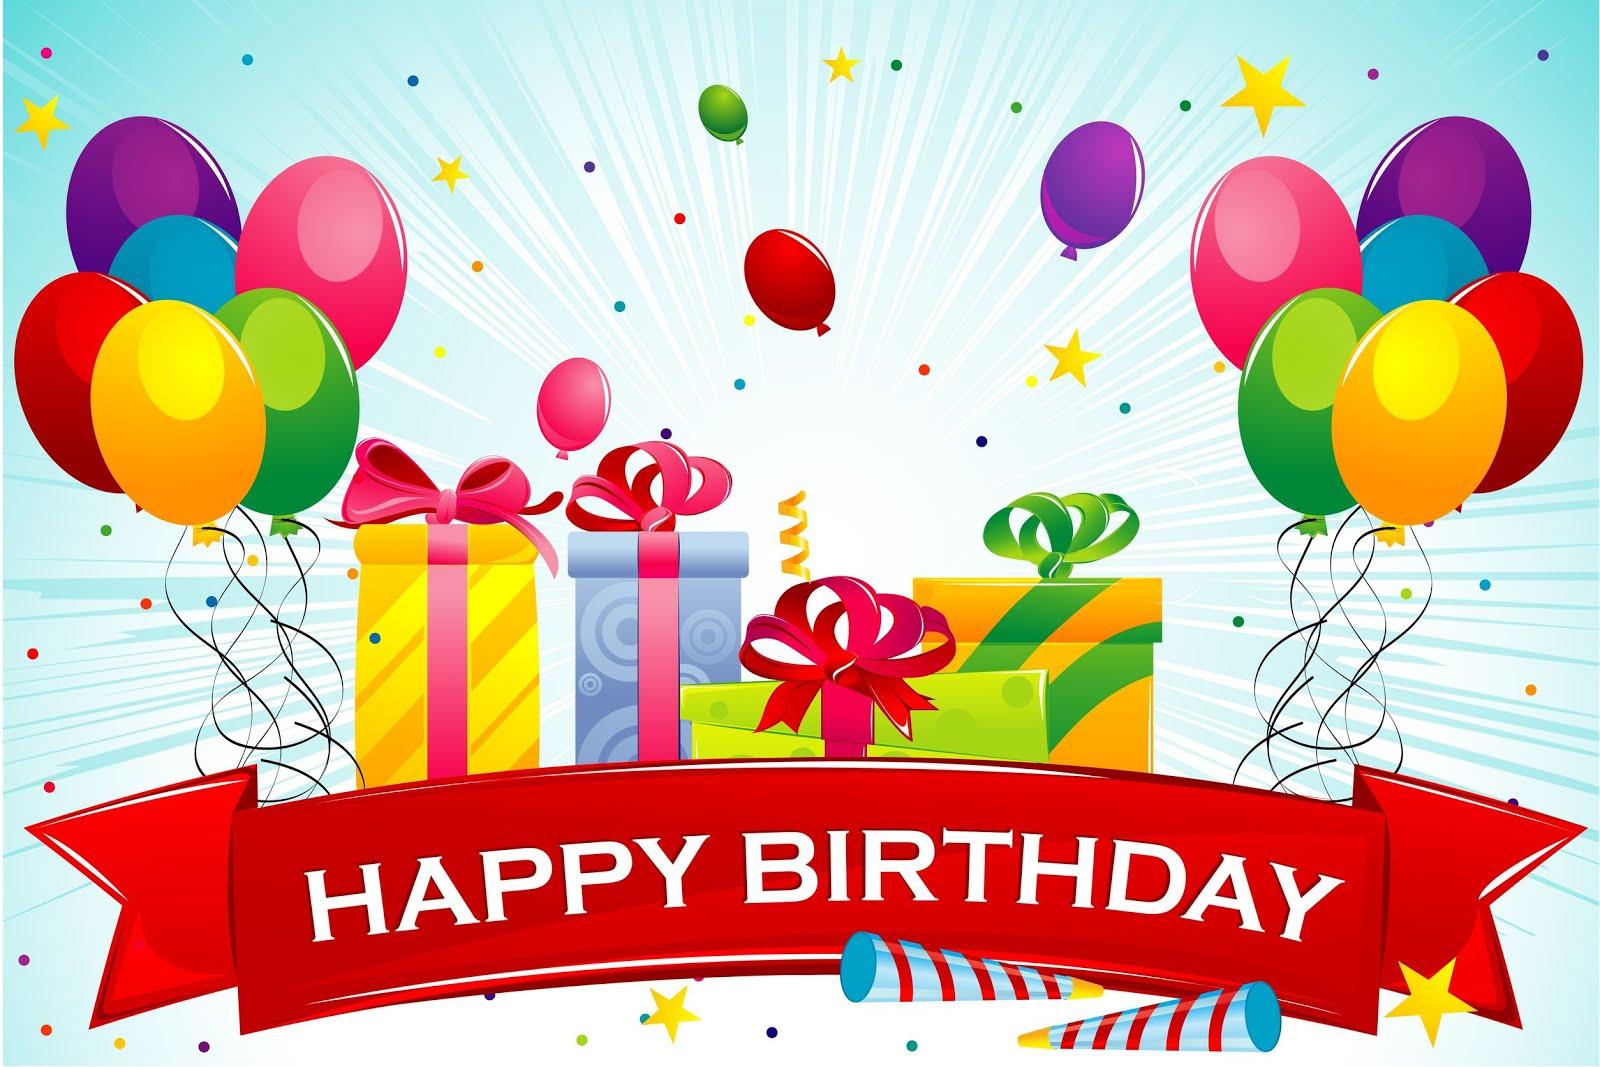 дома картинки с поздравлением в честь дня рождения страницах календаря